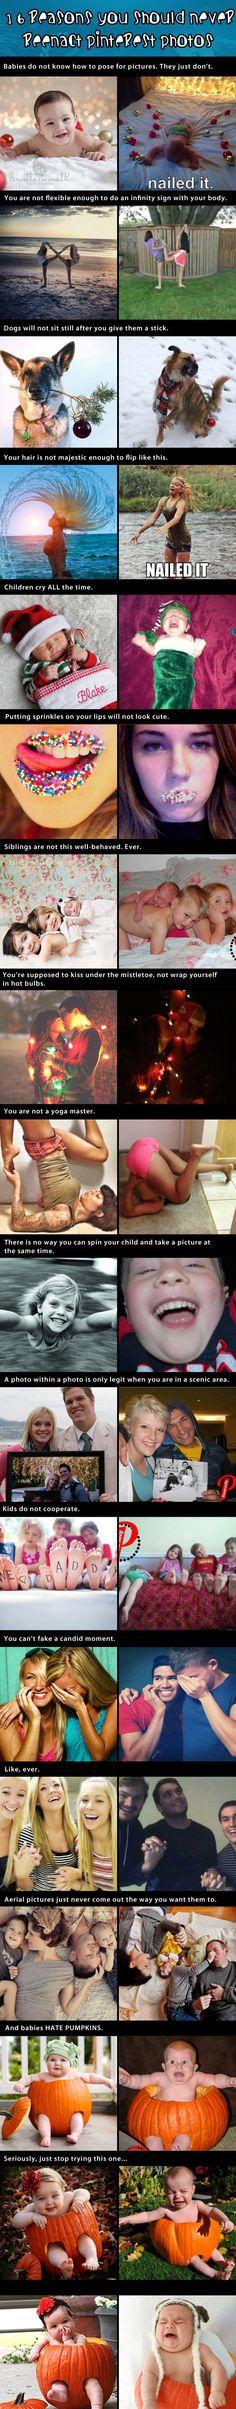 16 Reasons You Should Never Reenact Pinterest Photos…hilarious!!